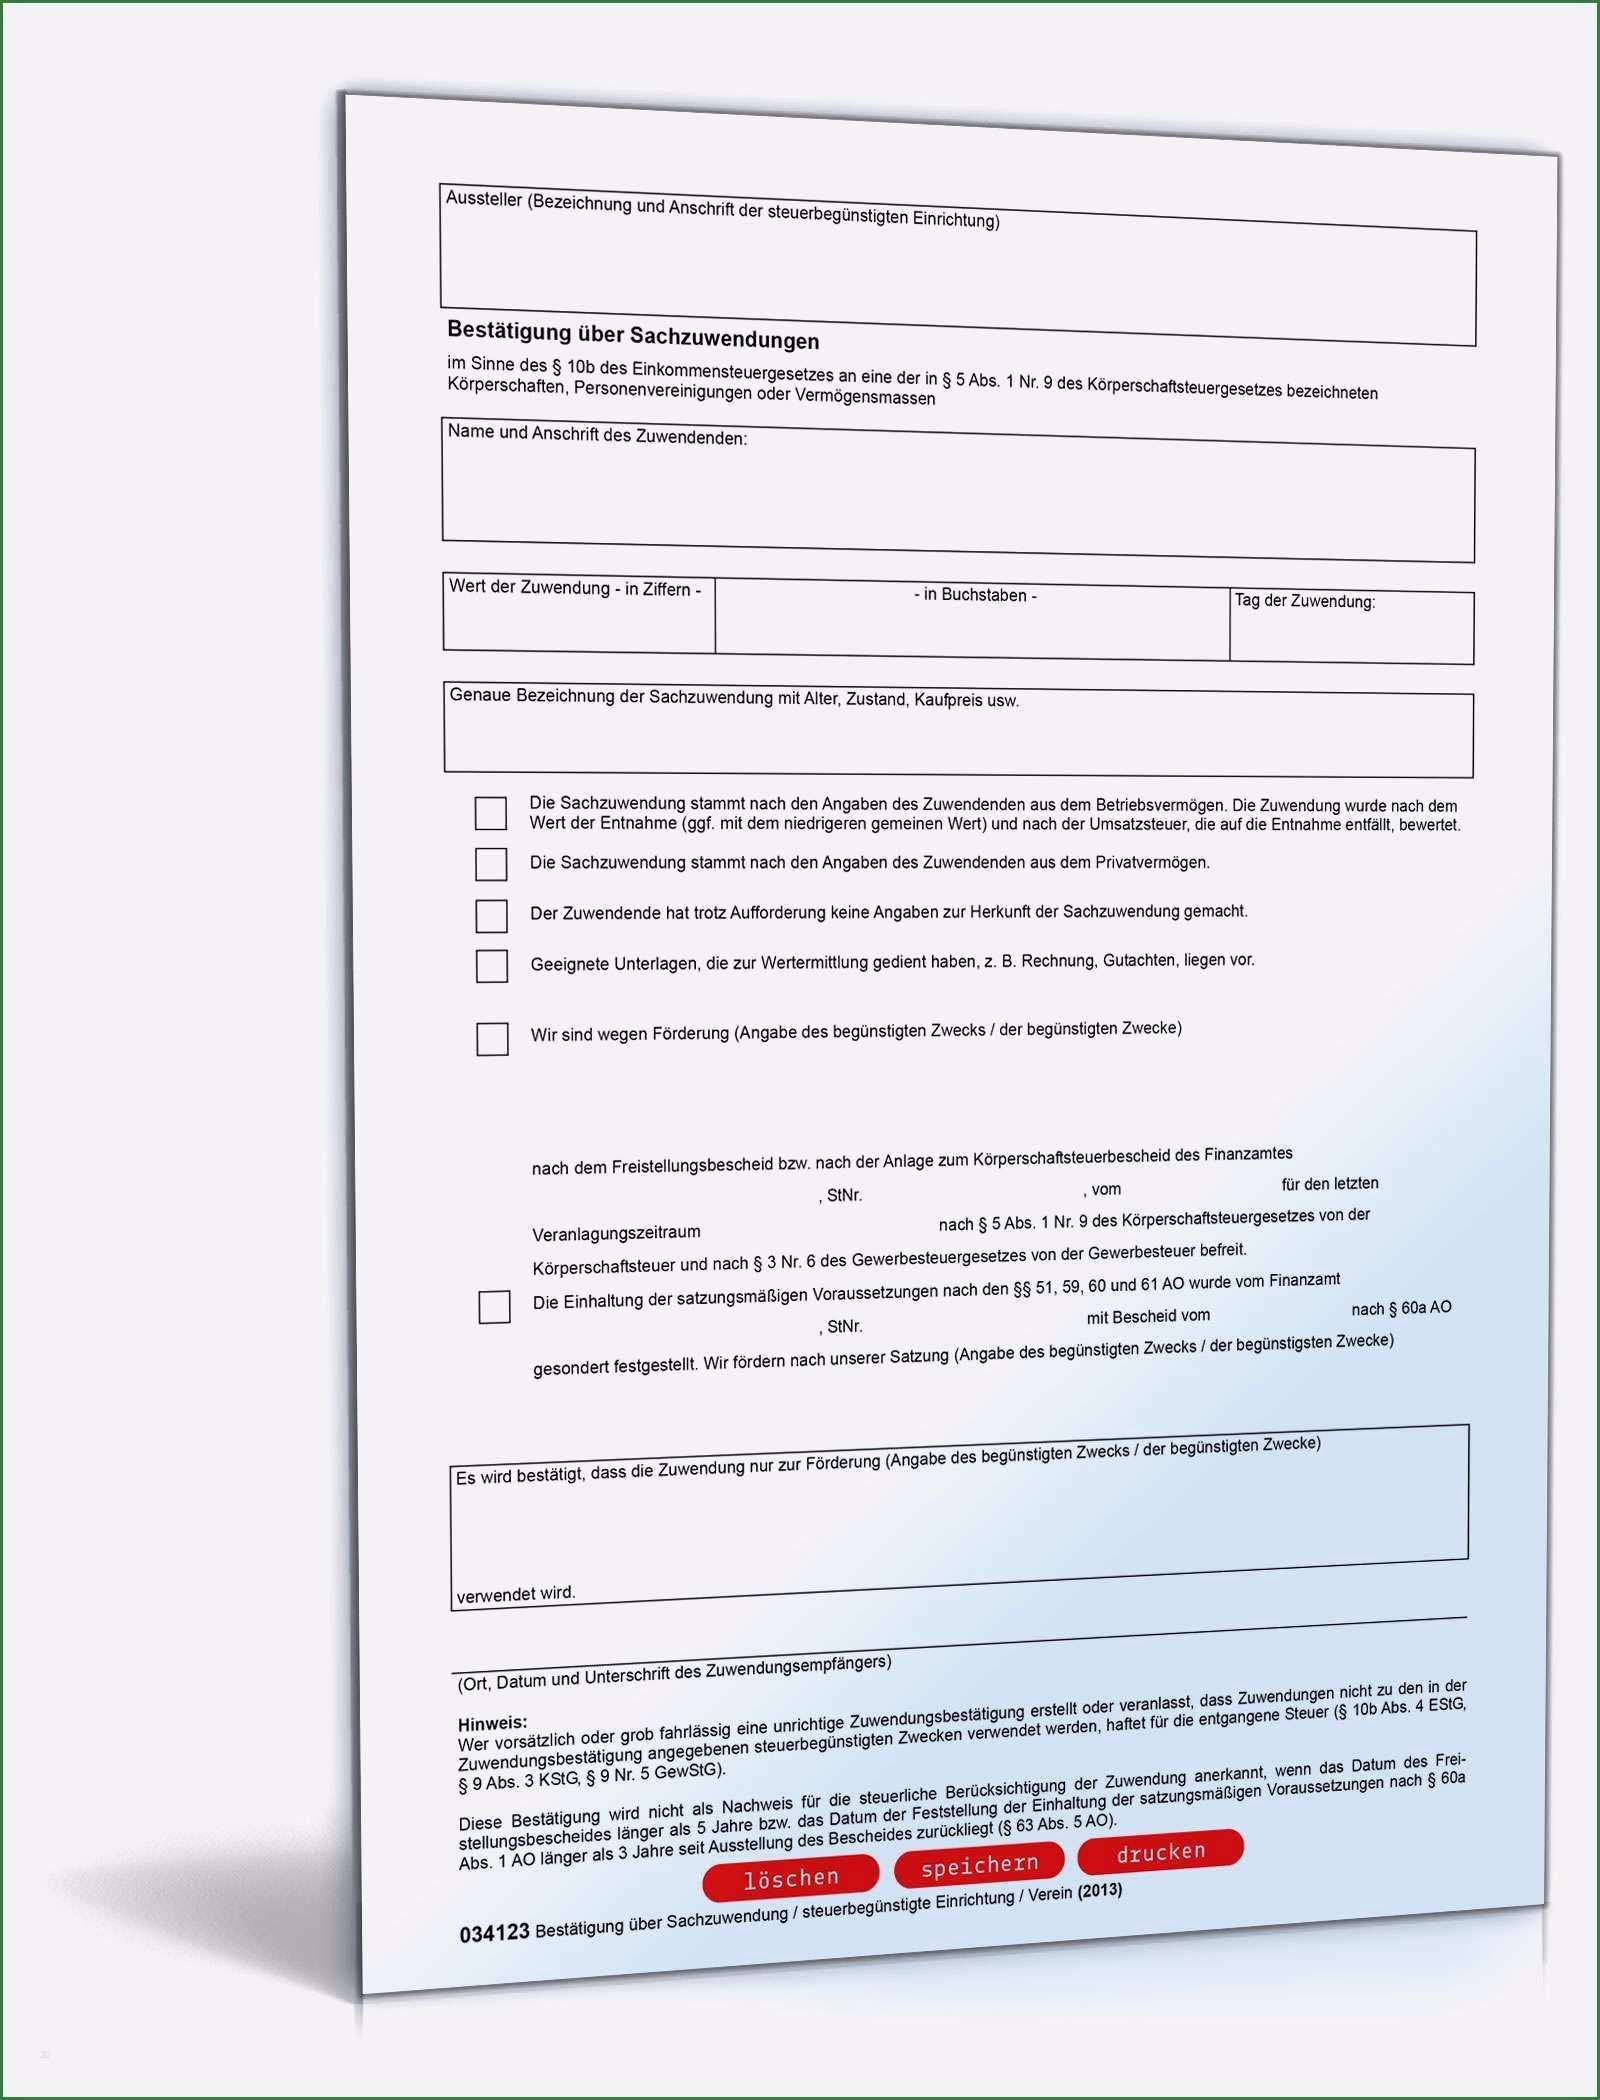 20 Perfekt Kassenbericht Gemeinnutziger Verein Vorlage Vorlagen Word Vorlagen Steuererklarung Tipps